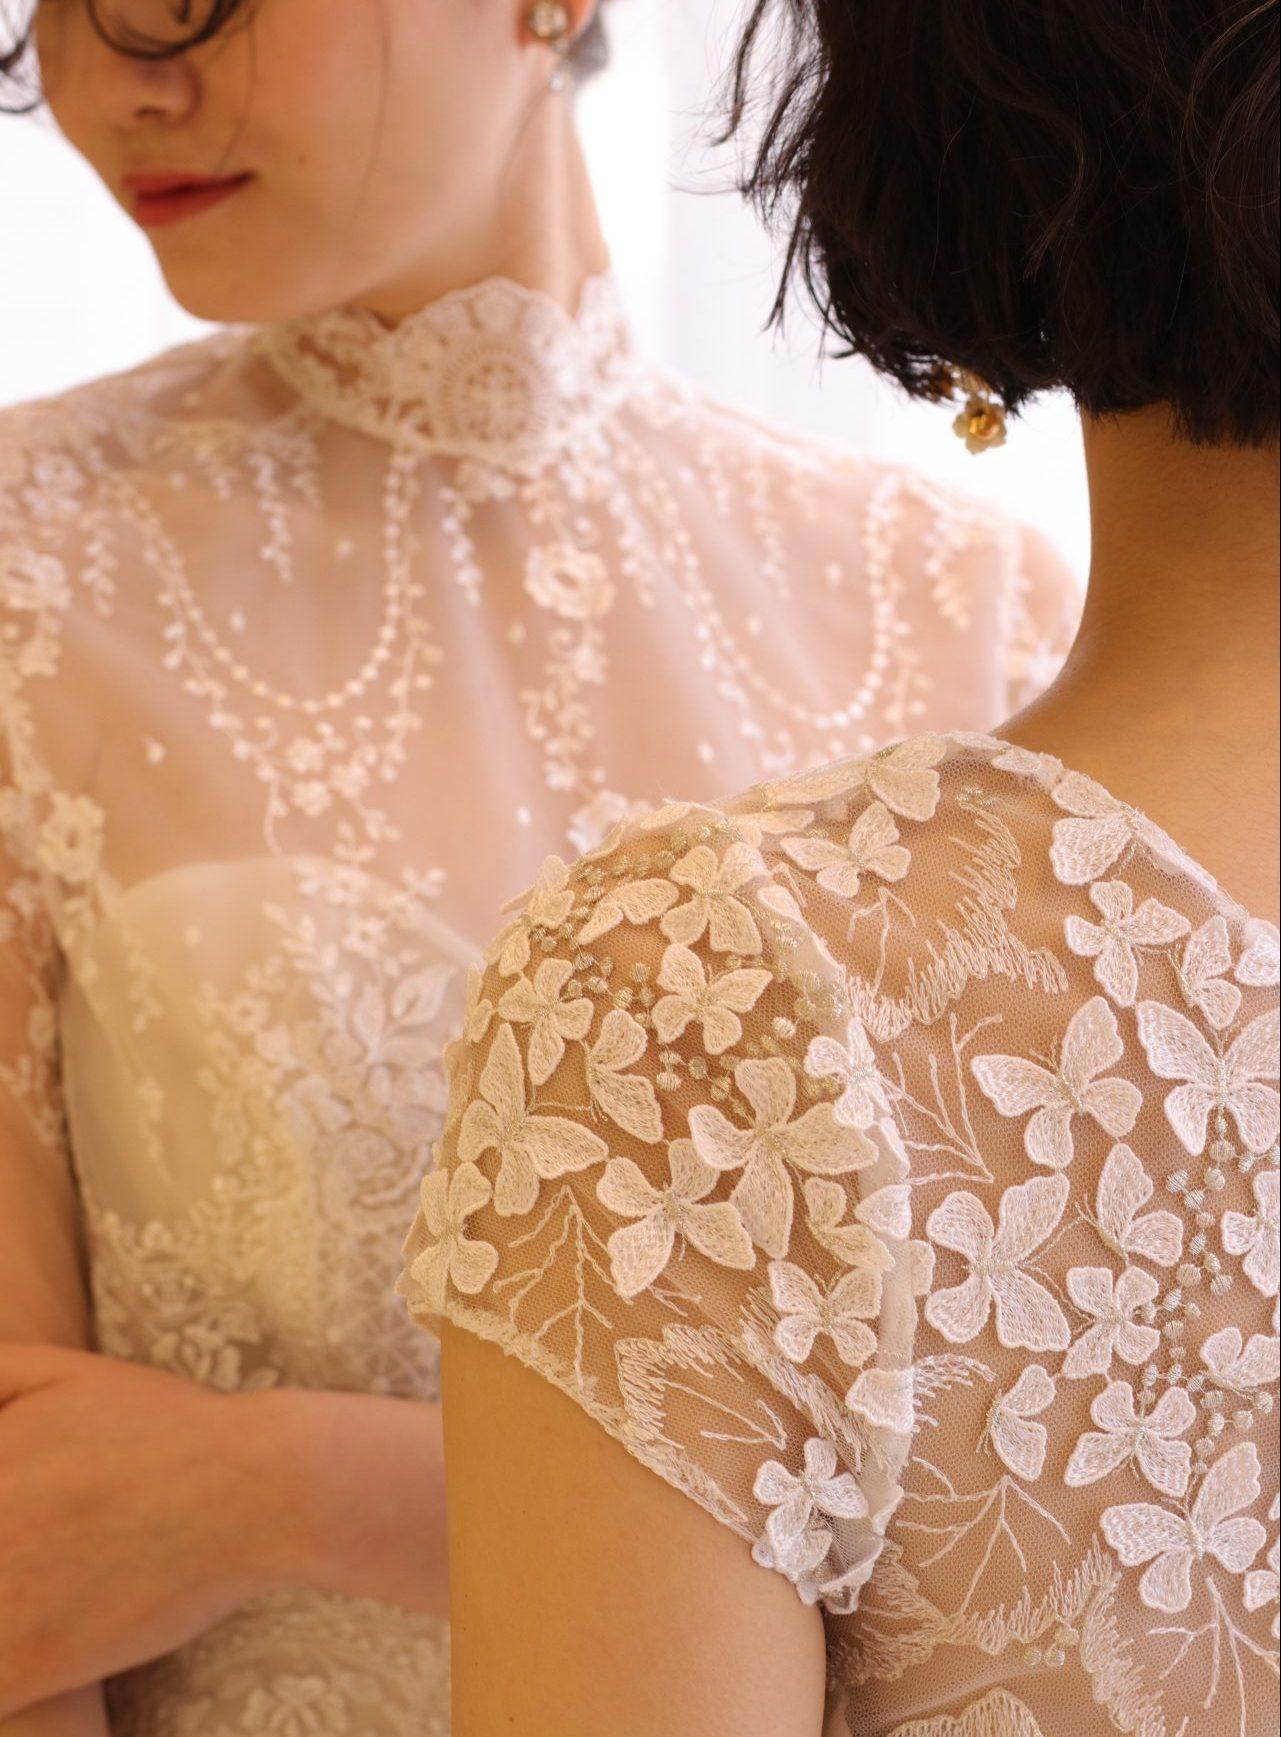 インポートドレスらしい美しいレースにこだわったザ・トリート・ドレッシングの新作ウェディングドレスで、あなただけの特別なブライズスタイルをご提案いたします